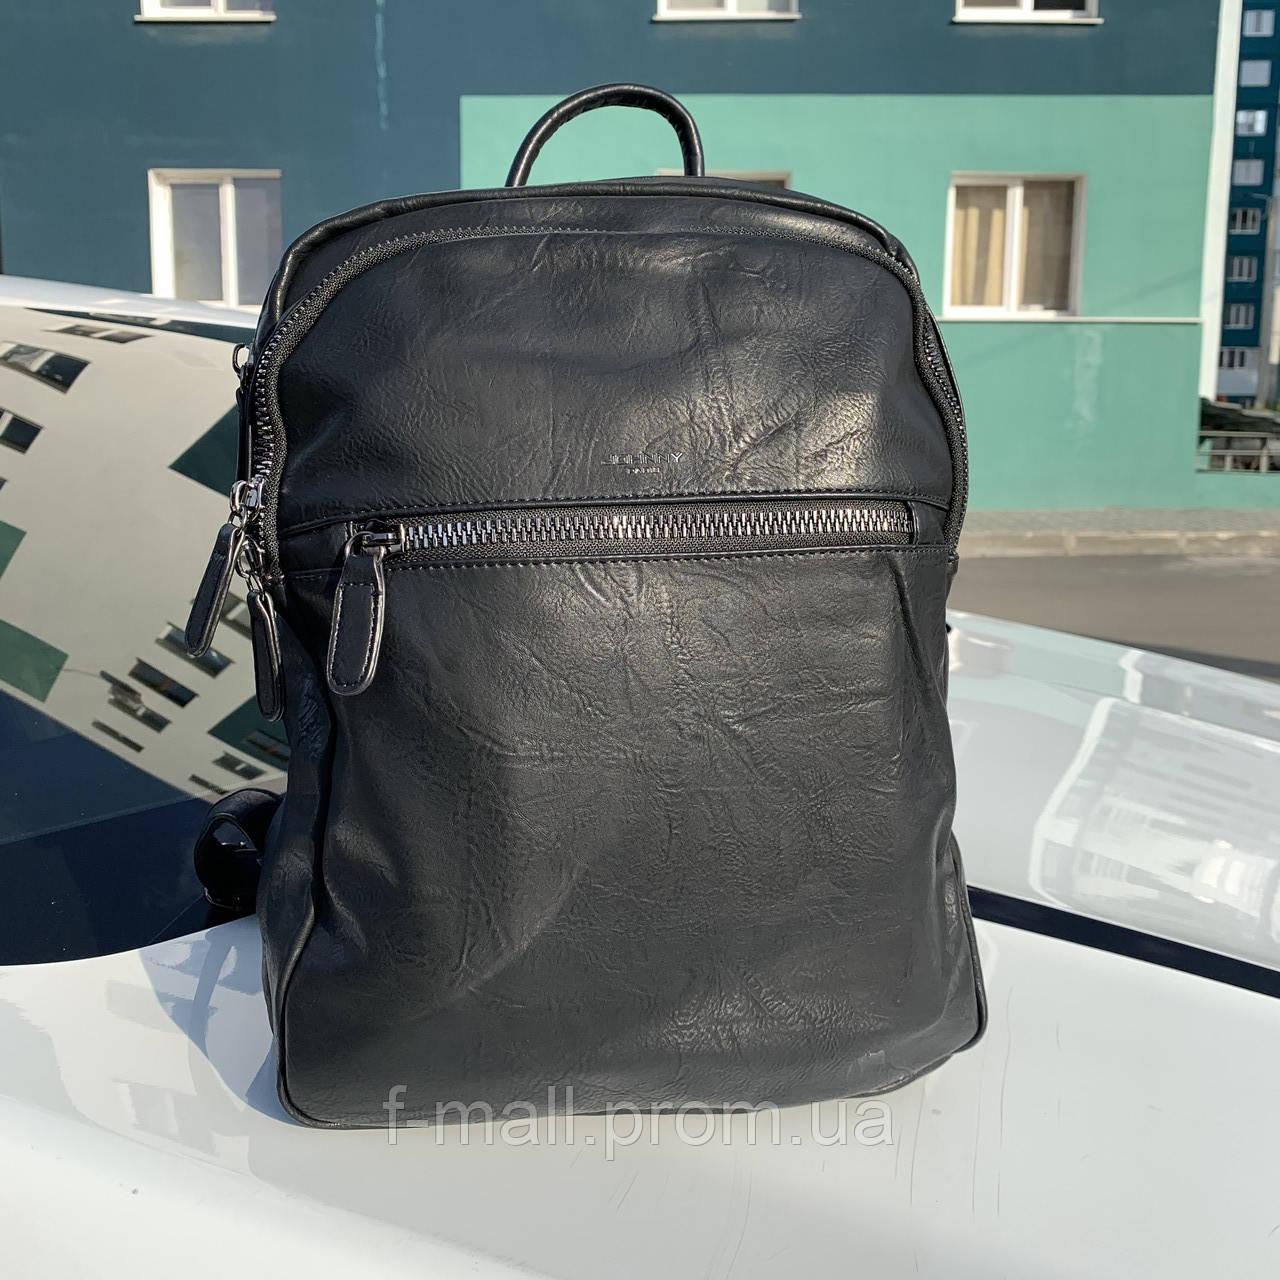 Мужской кожаный рюкзак черный